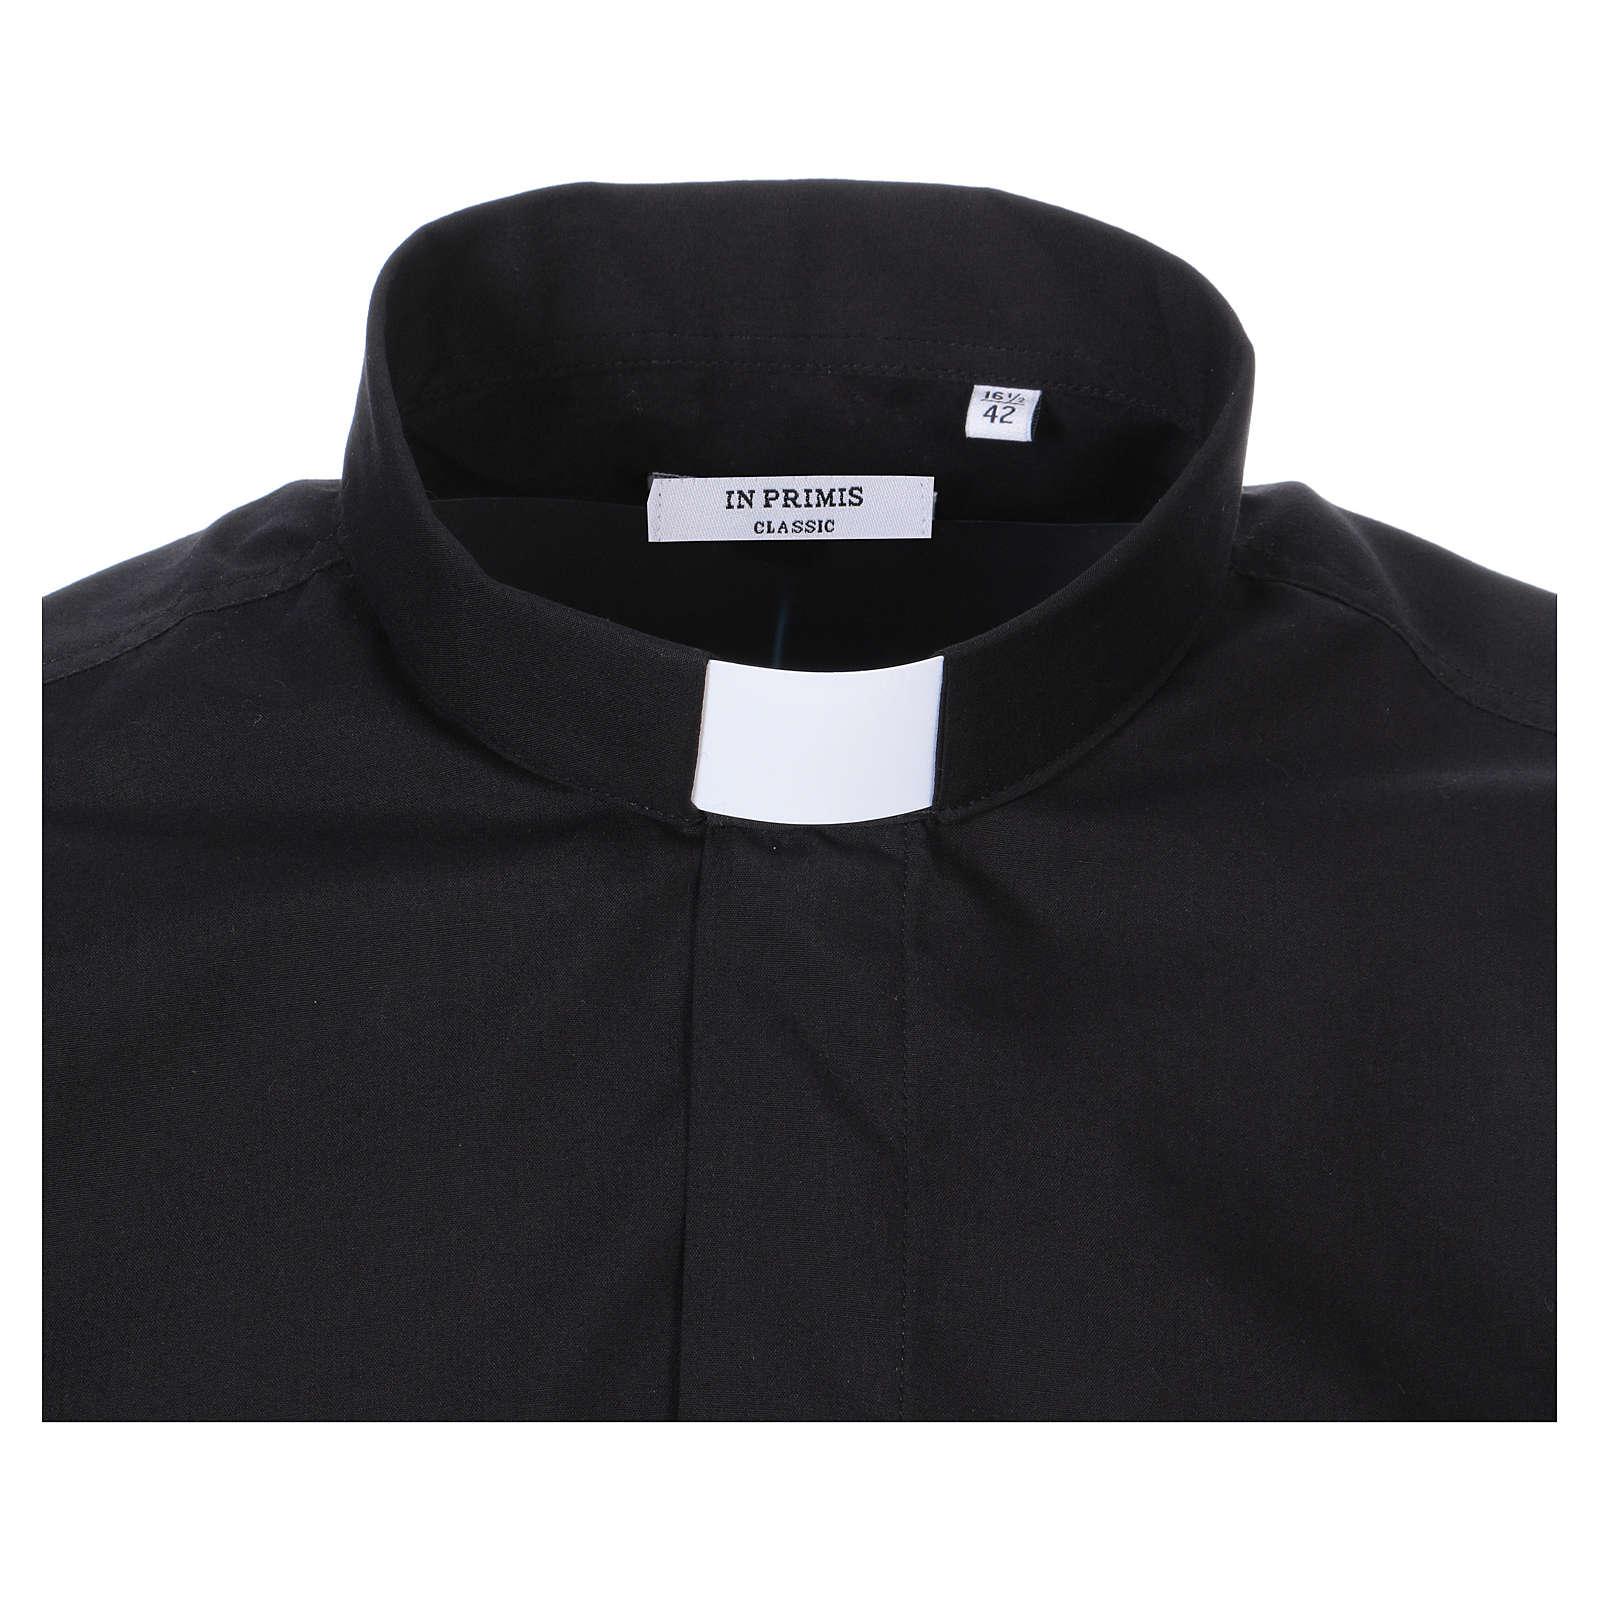 Camisa Colarinho Clergy manga curta misto algodão preto 4